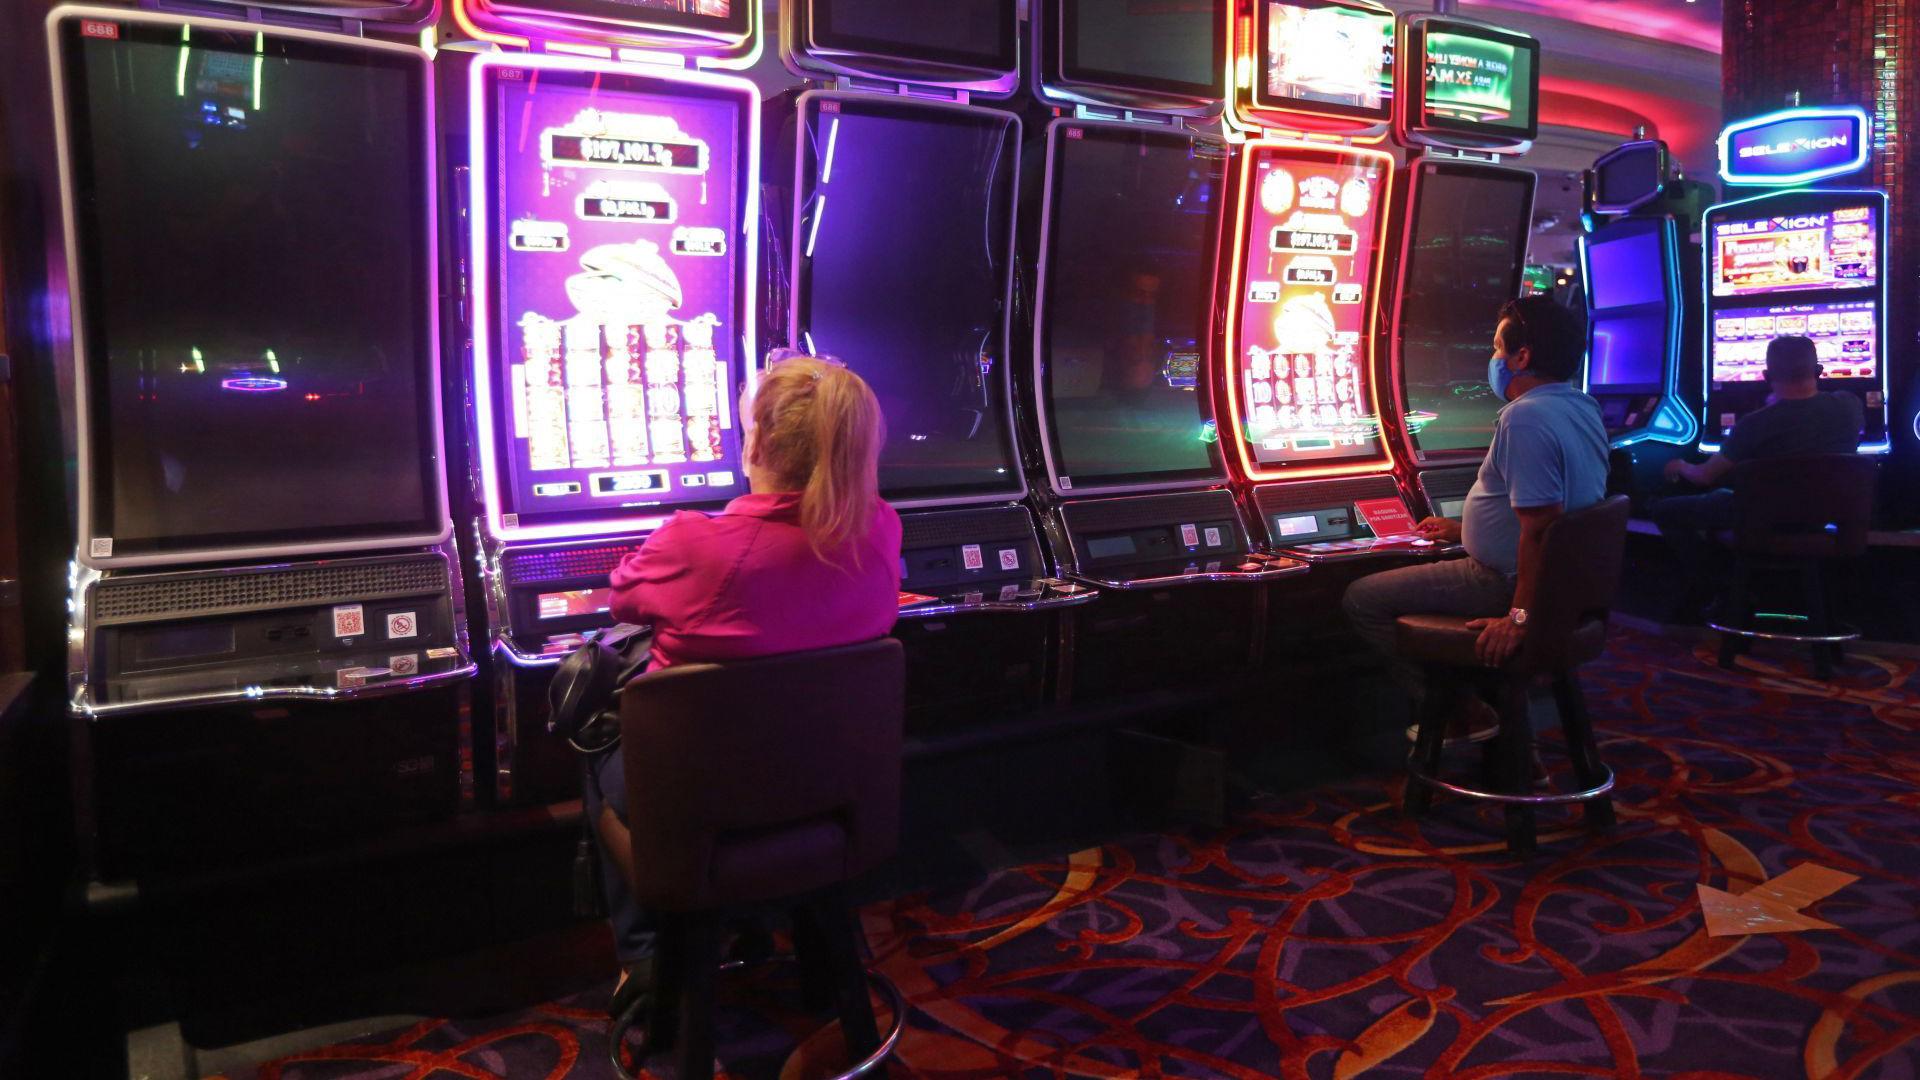 Clientes de un conocido casino de la ciudad, cumplen con el protocolo sanitario correspondiente mientras hacen uso de las instalaciones y después de cinco meses de permanecer cerrados a causa de la pandemia sanitaria del COVID-19 (Foto: Cuartoscuro)